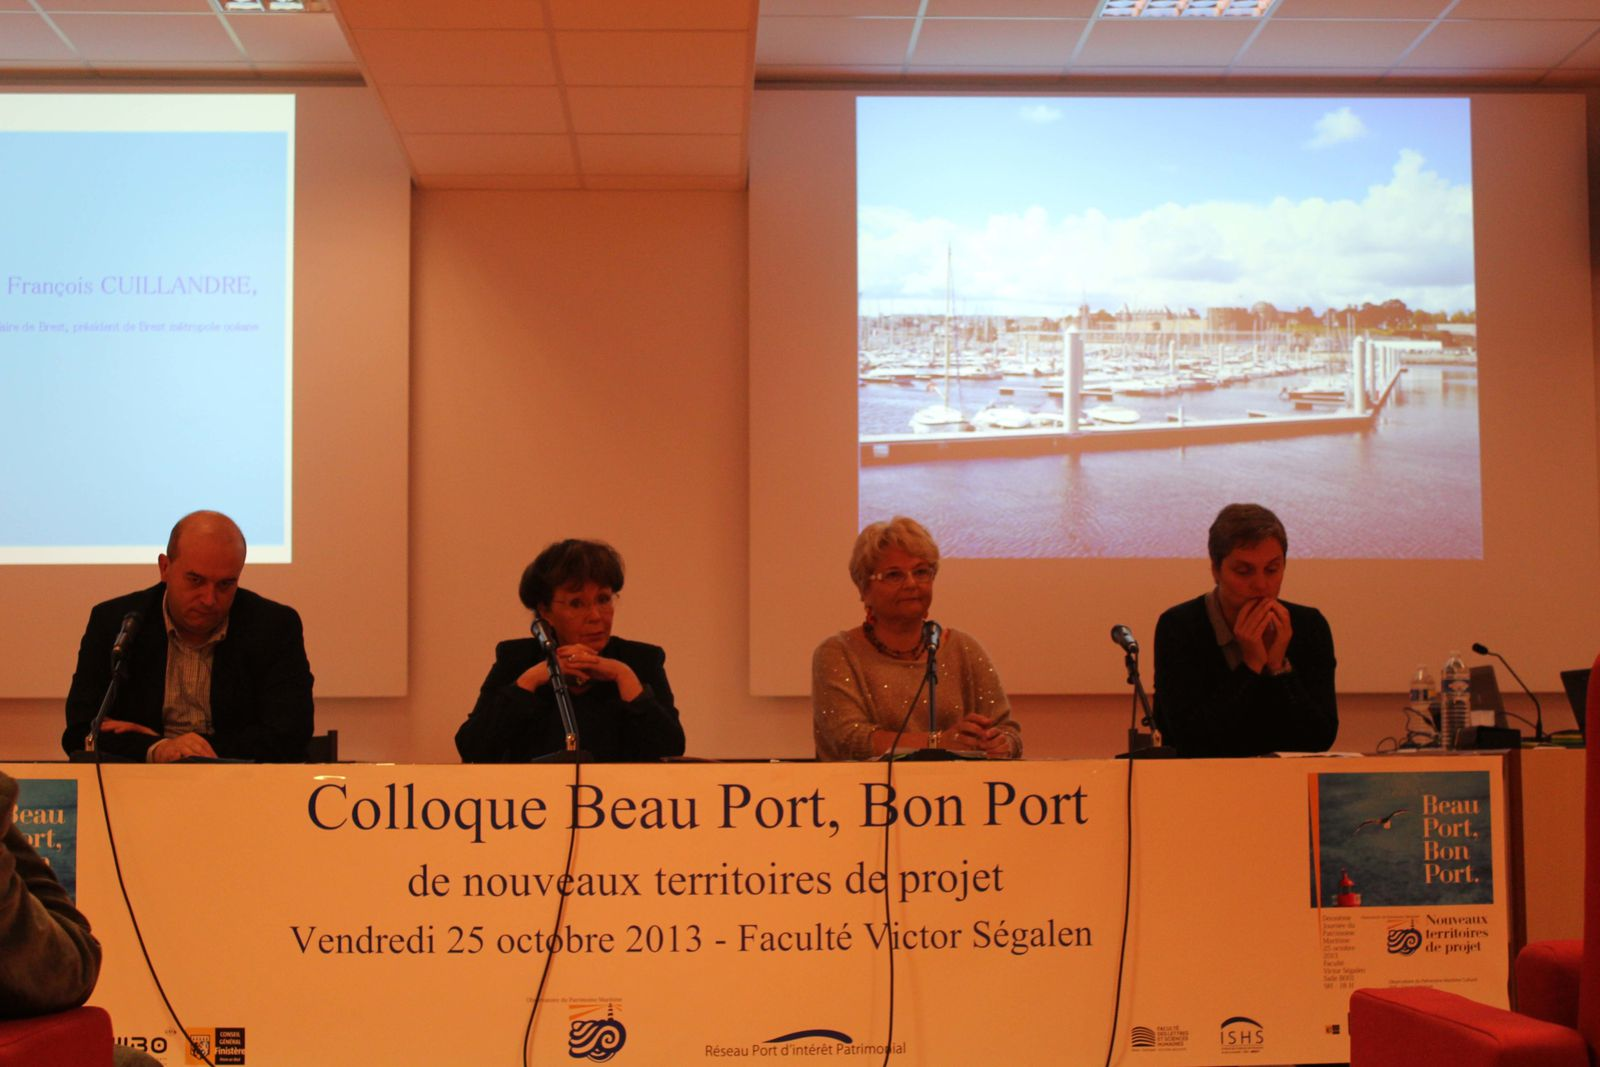 Colloque &quot&#x3B;Beau Port, Bon Port&quot&#x3B; 25 octobre 2013